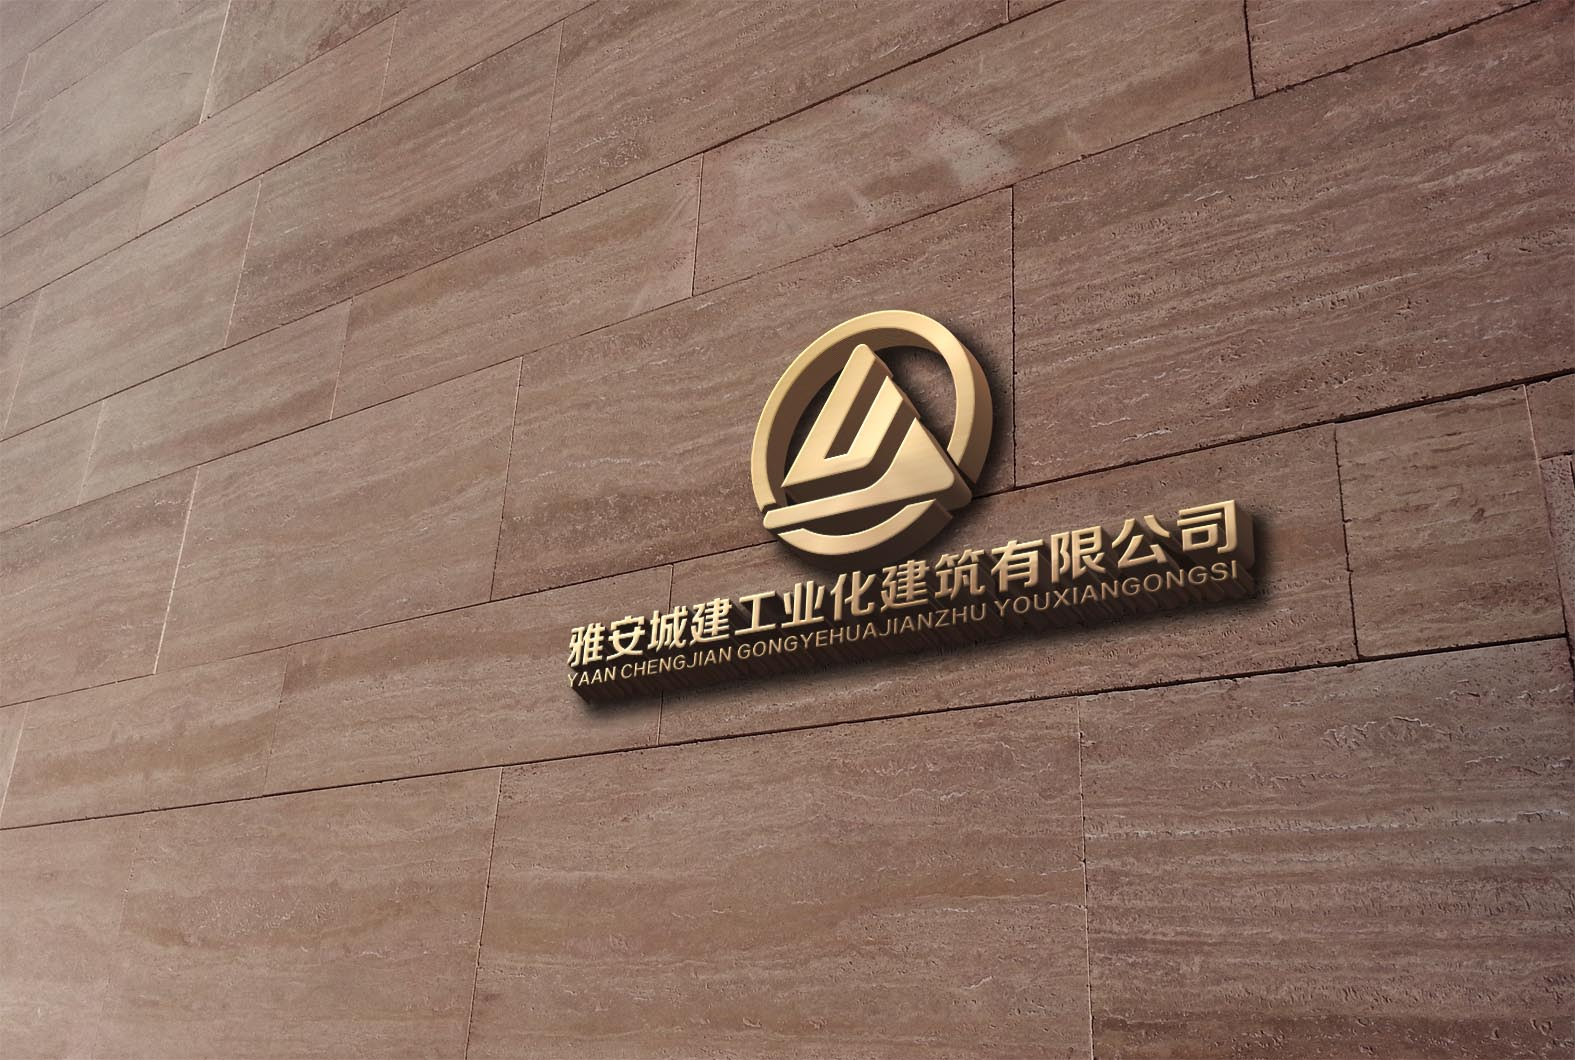 雅安成建工业化公司LOGO设计_2961653_k68威客网